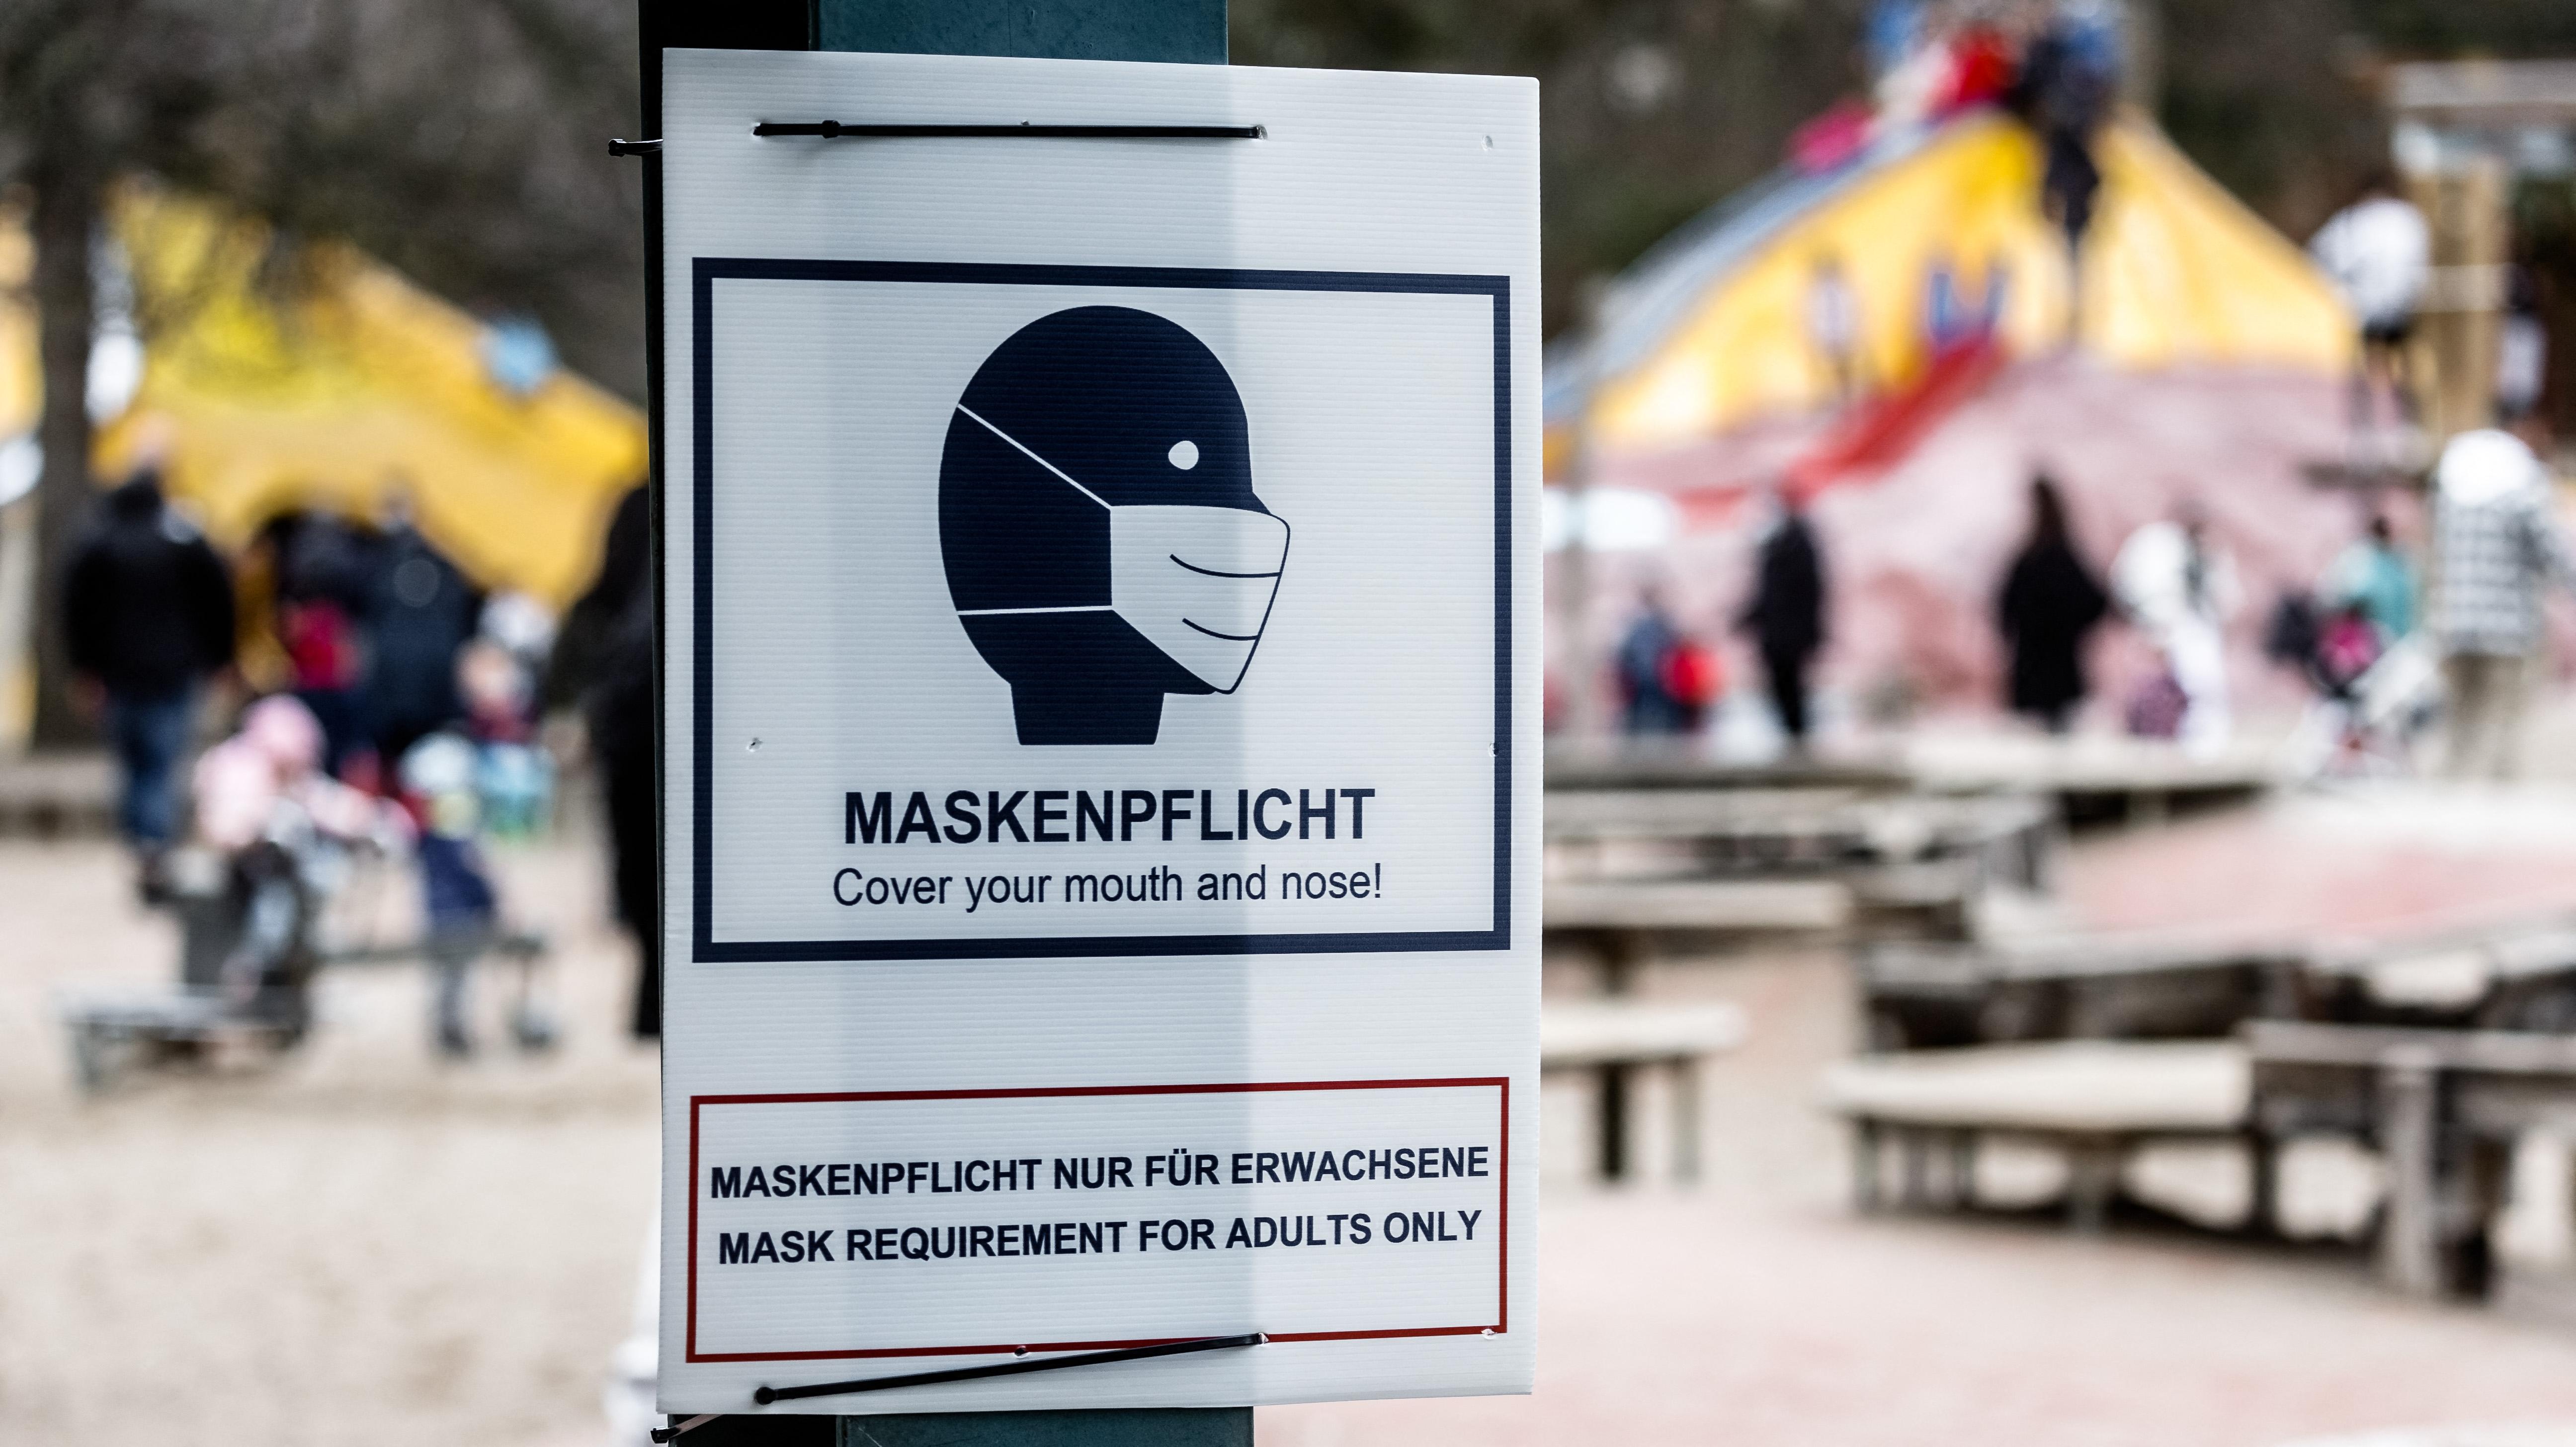 Maszkellenes férfi rúgott meg egy terhes nőt Berlinben